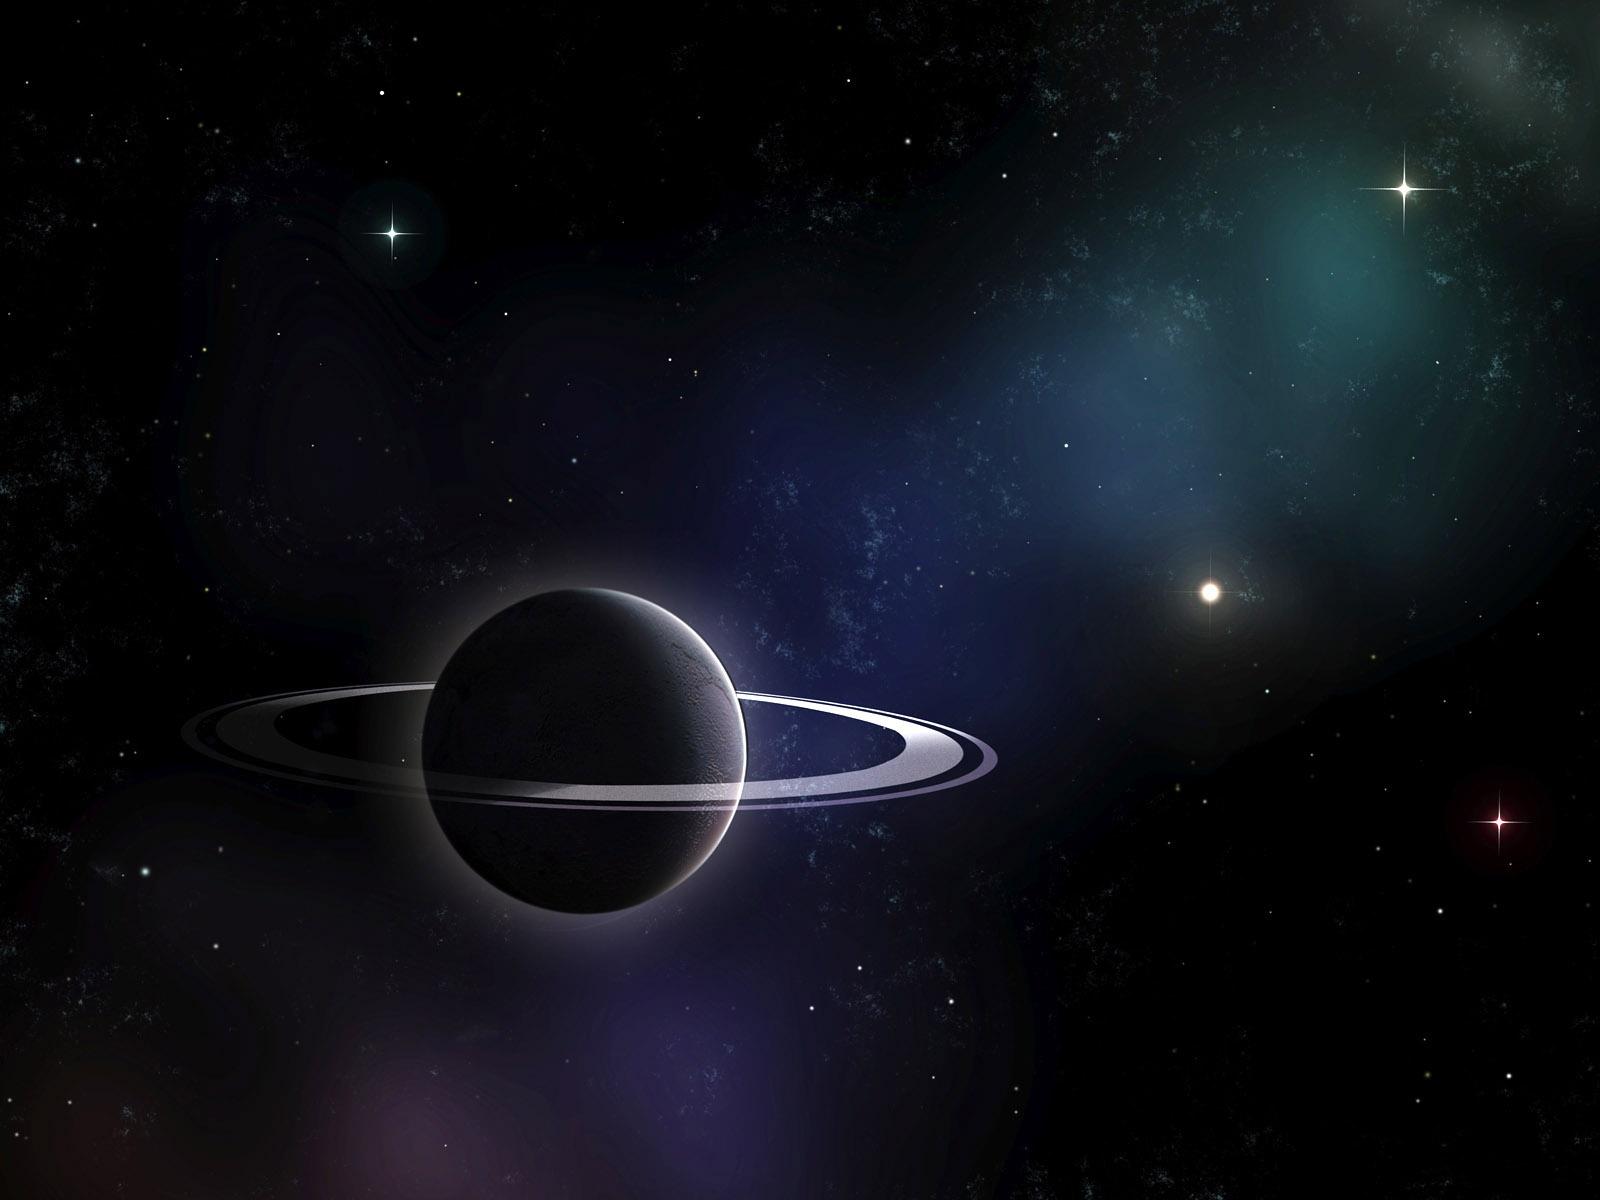 http://4.bp.blogspot.com/-I-k2c8l99xU/TosqWxQtrCI/AAAAAAAANlU/2wZYLQLCZc8/s1600/Mooie-planeten-achtergronden-hd-planeet-wallpapers-afbeelding-plaatje-17.jpg